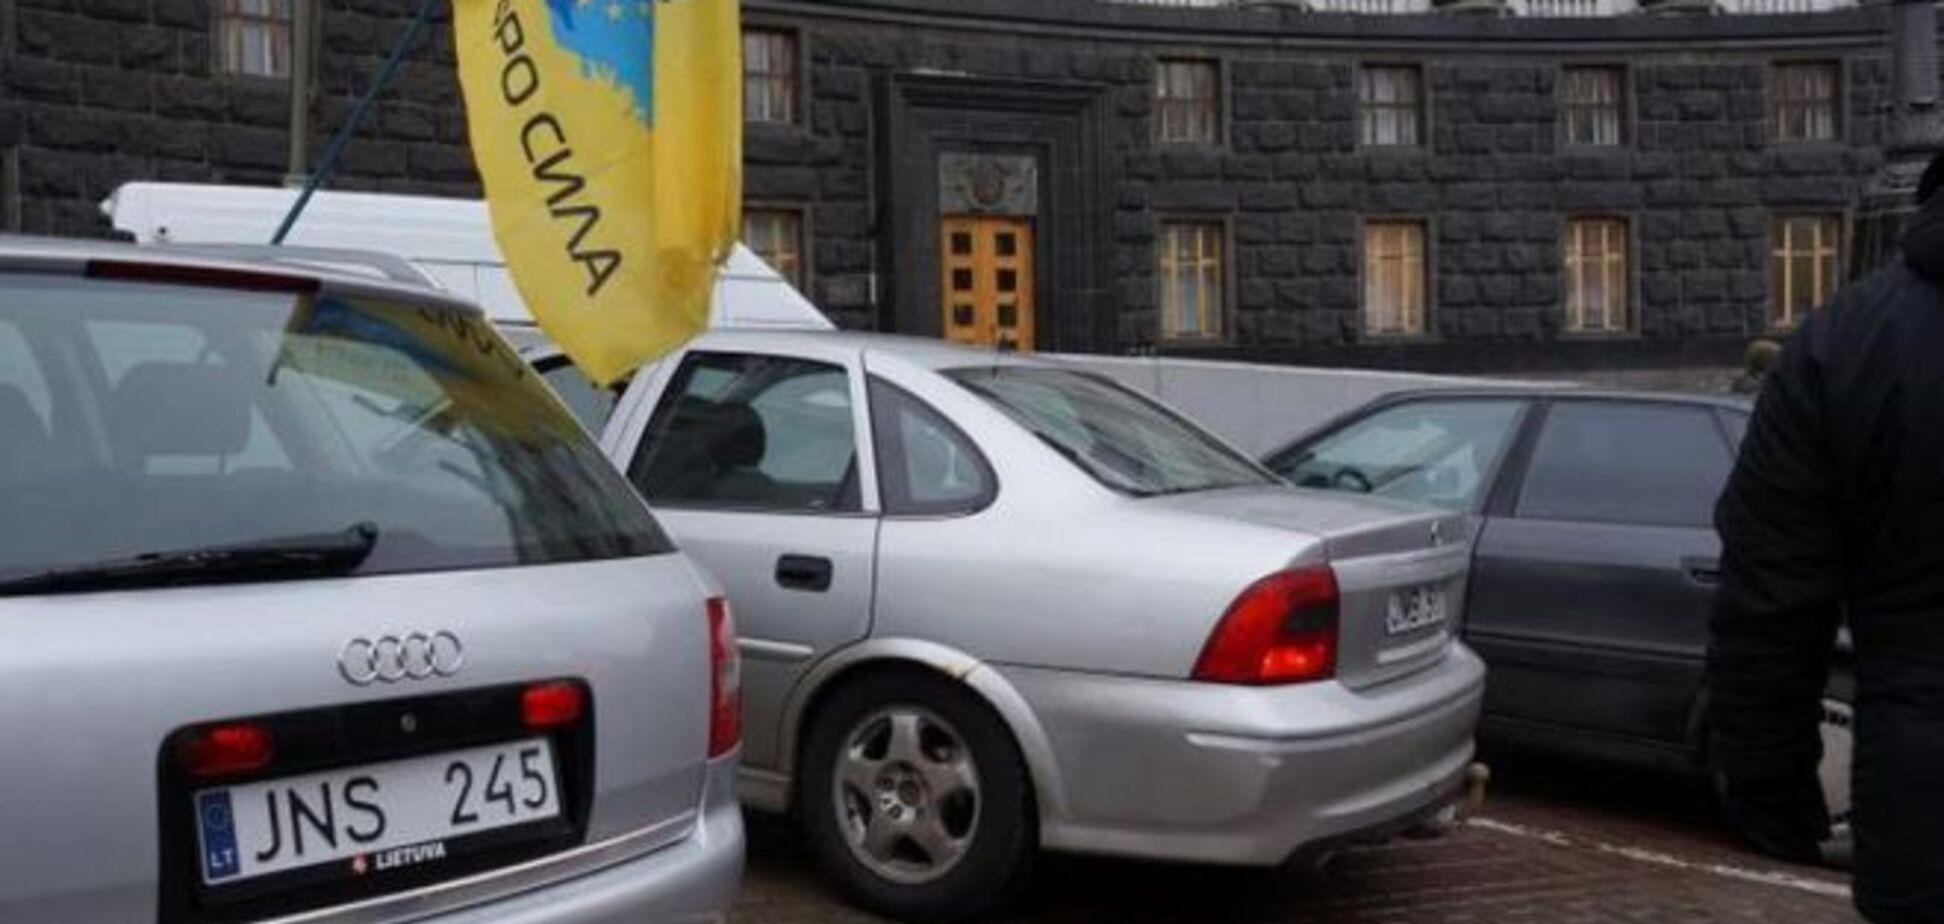 ''Комусь буде боляче'': юрист пояснив, що чекає на водіїв авто з єврономерами